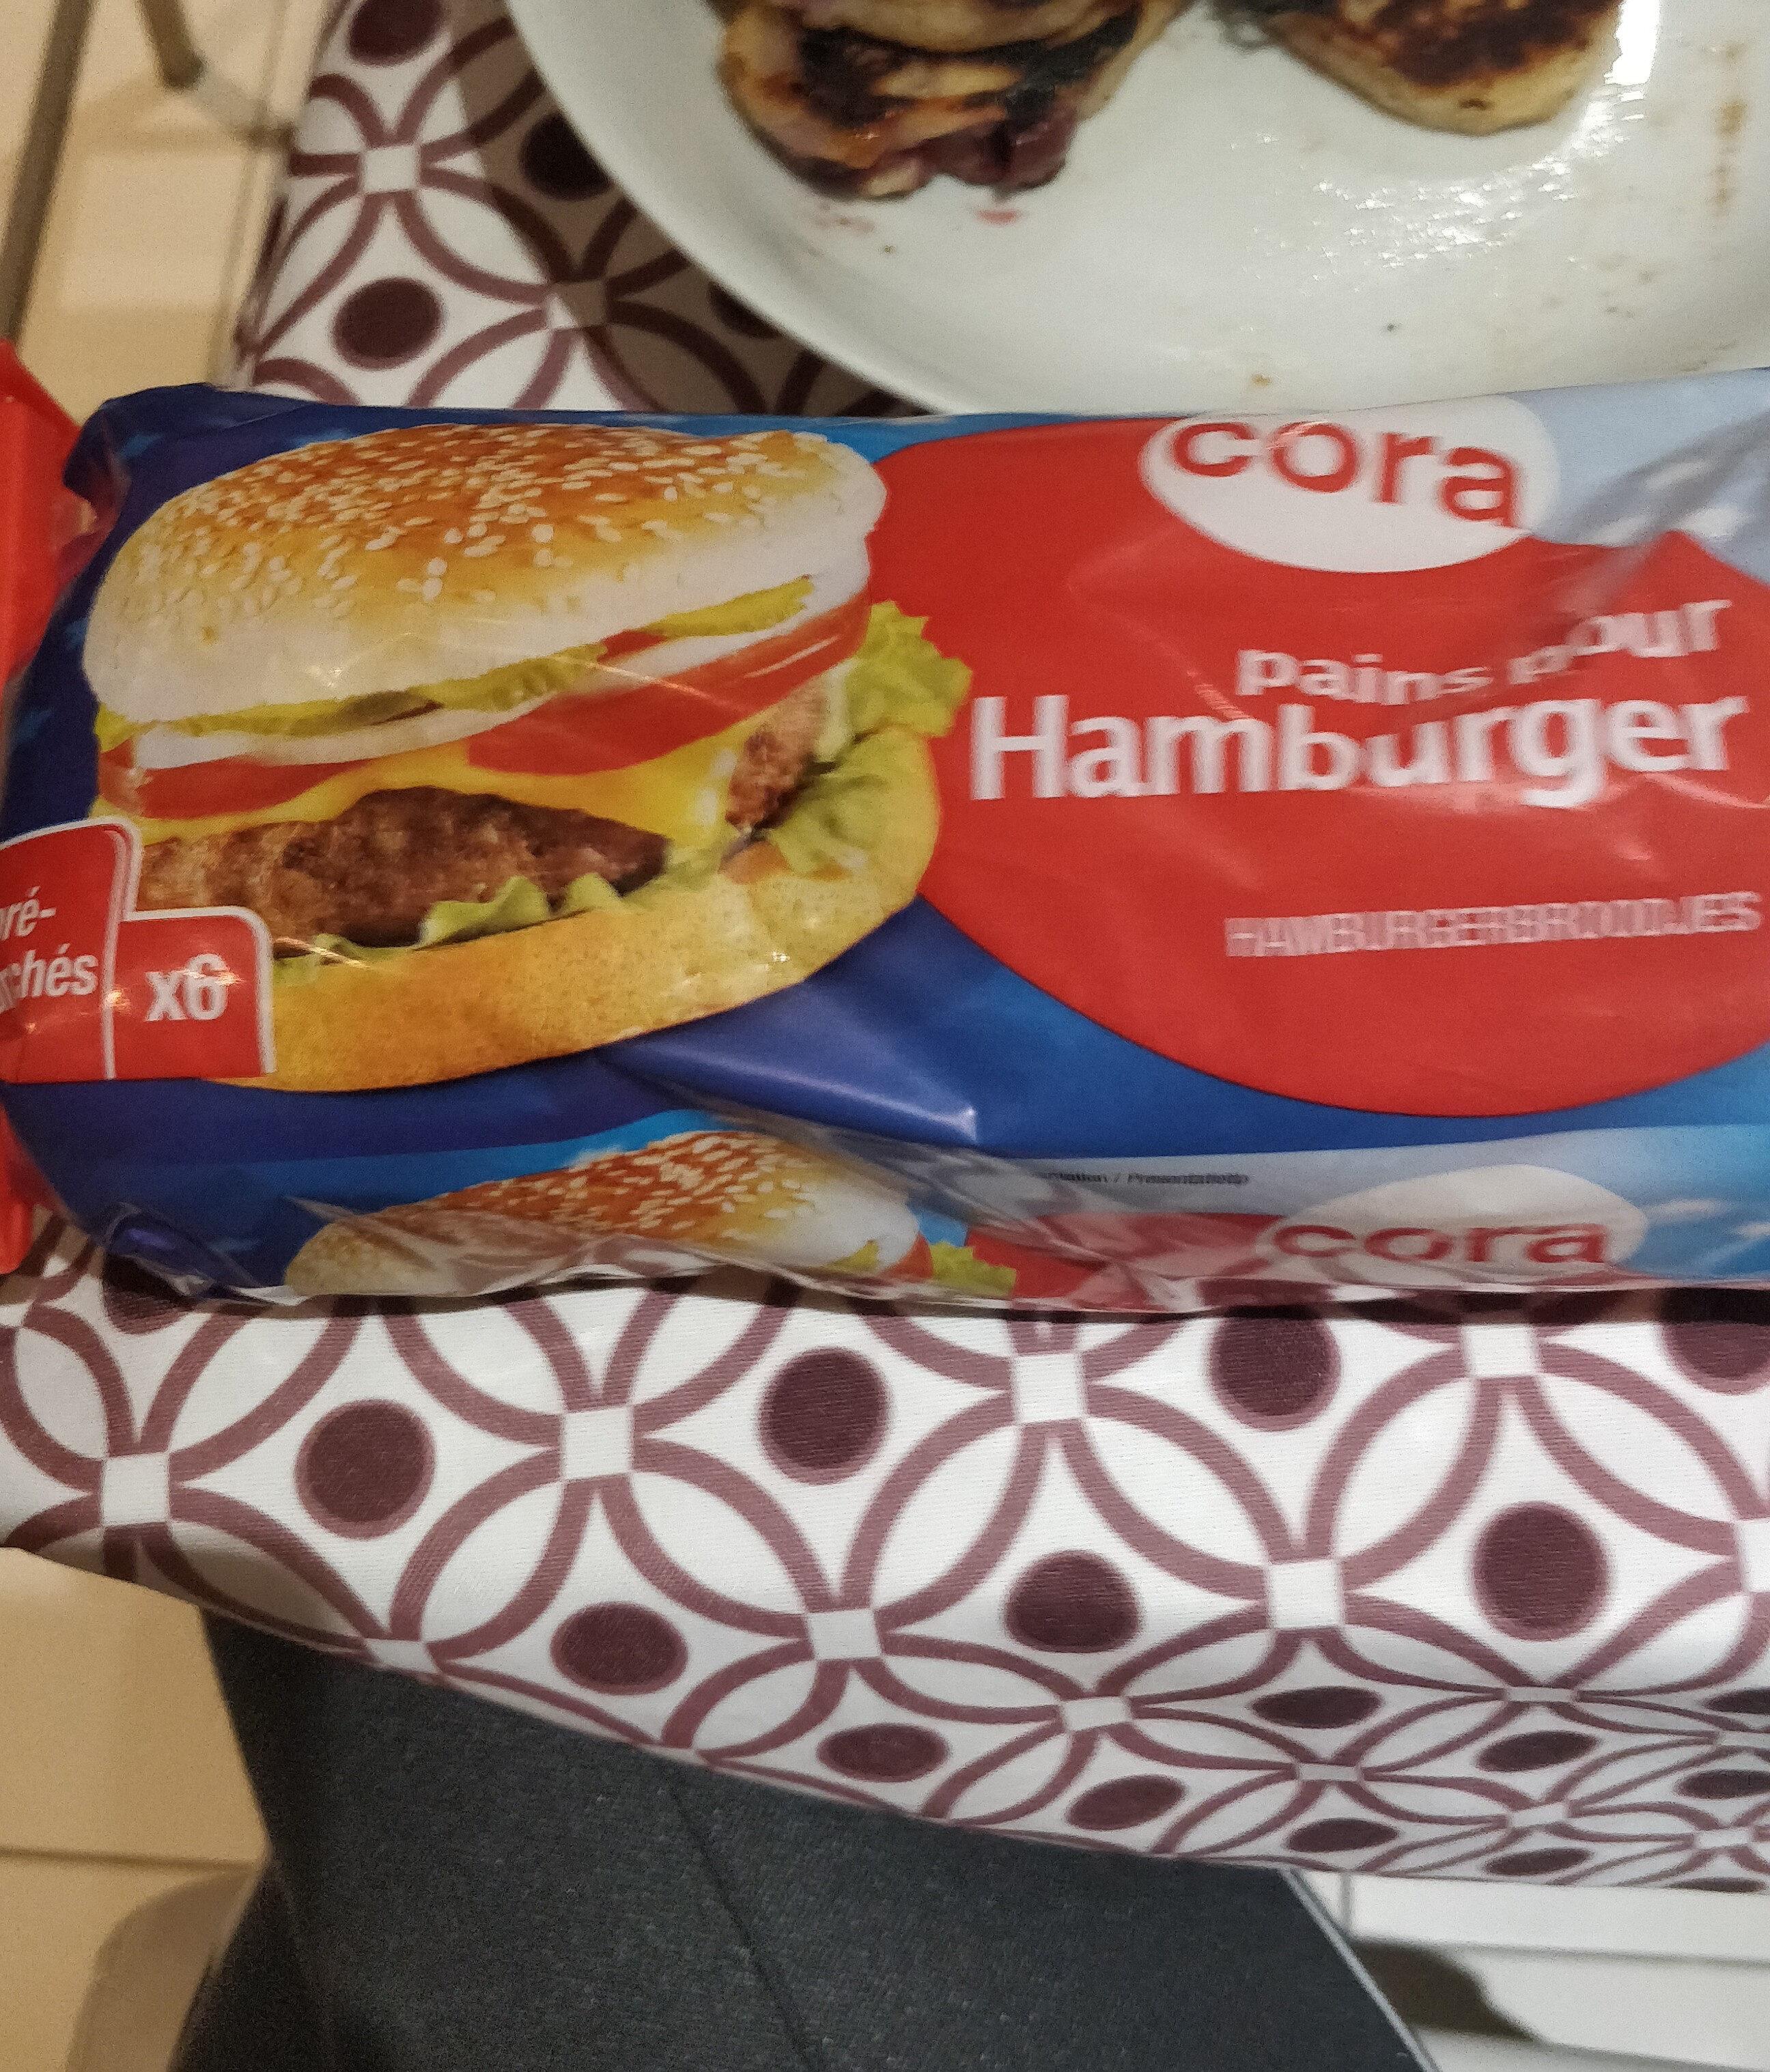 Pains pour Hamburger - Product - fr